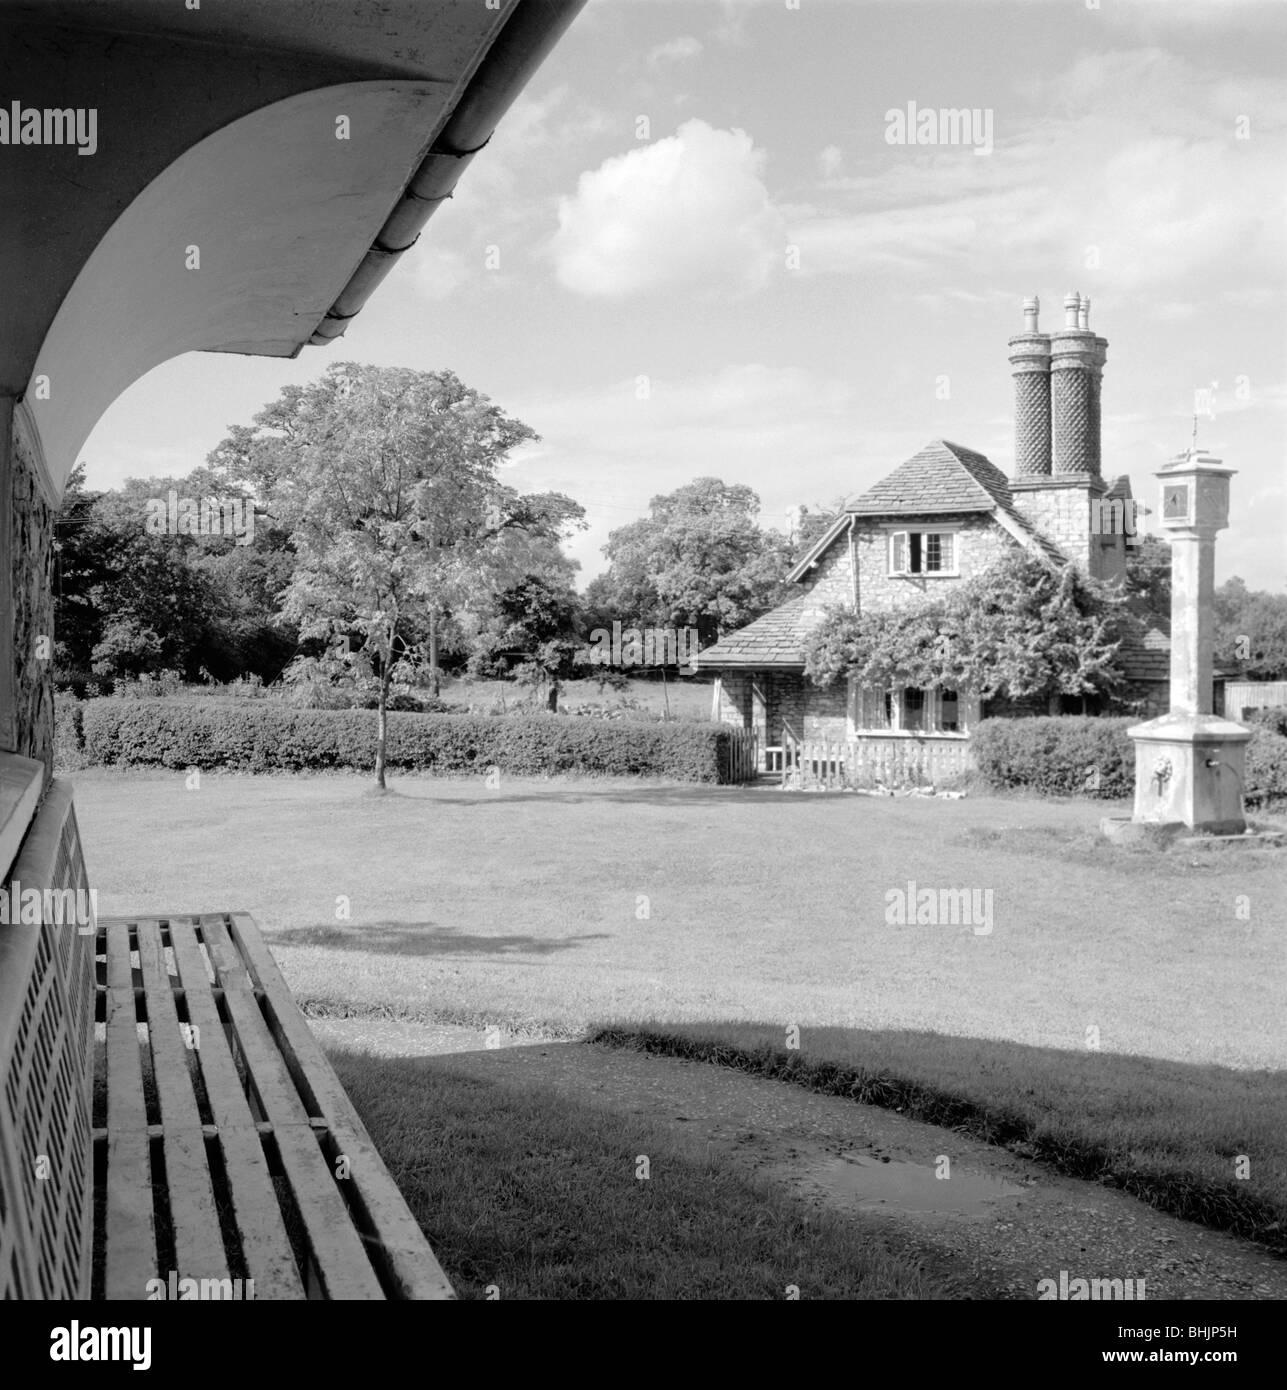 Dial Cottage, Hallen Road, Blaise Hamlet, Henbury, Bristol, 1945. Artist: Eric de Maré - Stock Image